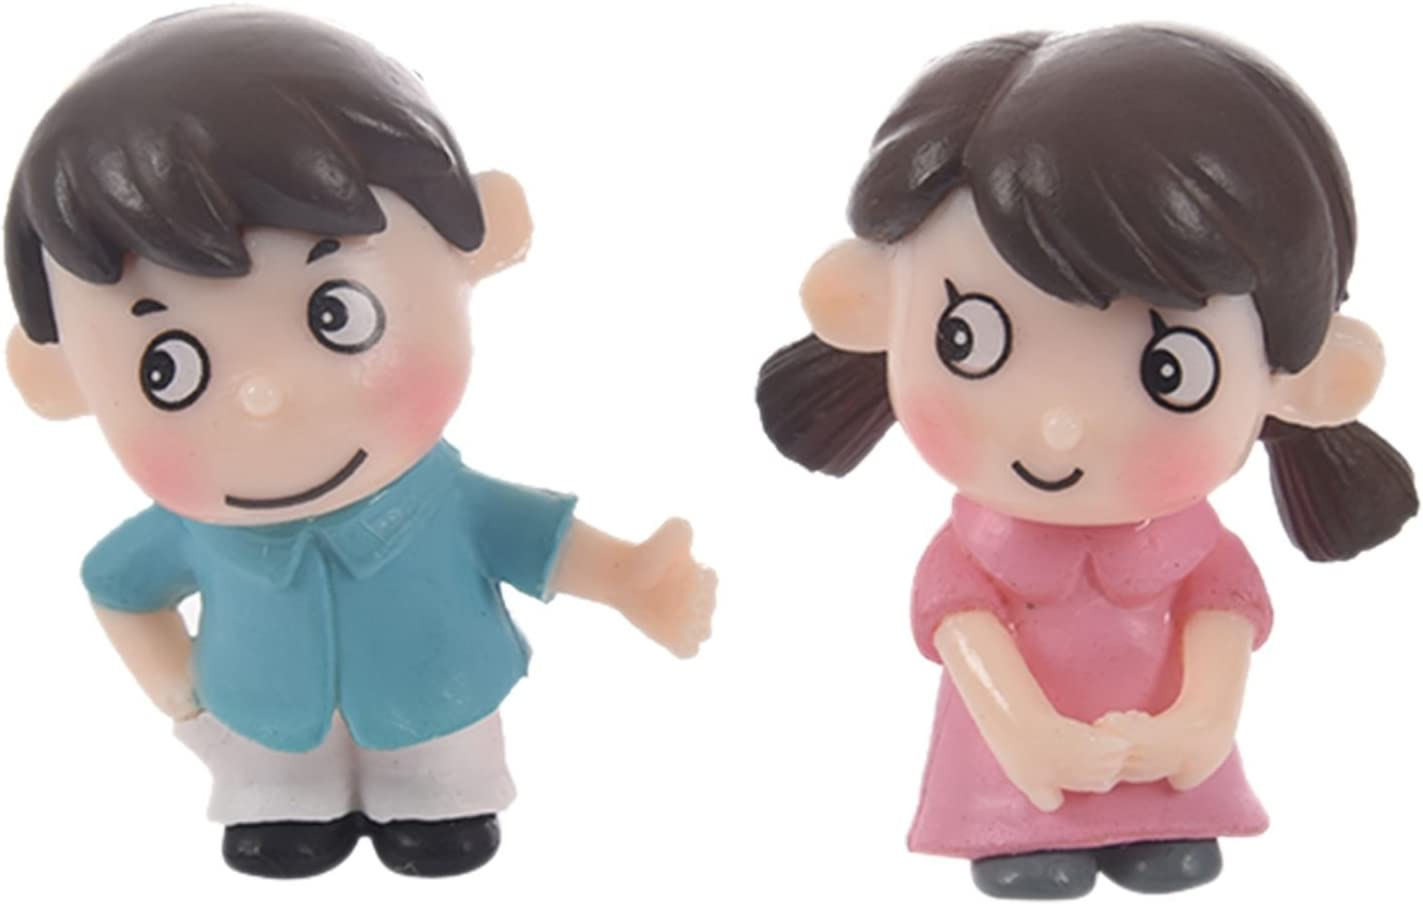 SODIAL (R) 2pcs Sweety – niños pareja figuras figuras en miniatura jardín de hadas Gnome musgo de terrario resina Crafts decoración accesorios para DIY (tamaño: 2,6 cm por 3,4 cm): Amazon.es: Hogar